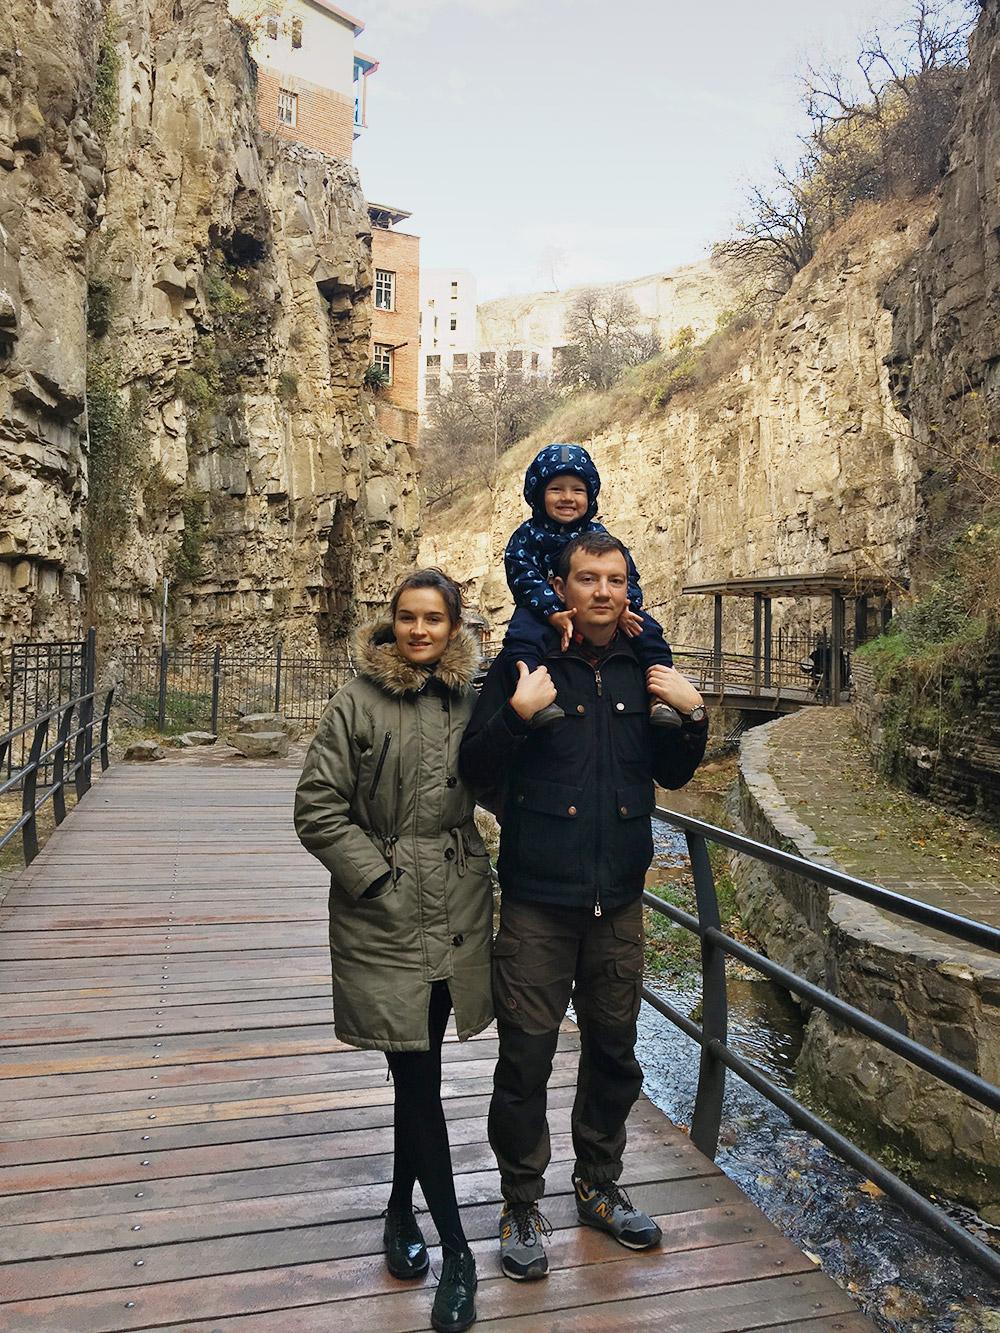 Мы уехали из Москвы в поисках простой жизни и нашли ее в Тбилиси — интересном дешевом и дружелюбном городе. Мы планируем остаться тут на год, а потом… кто знает? Бесконечные каникулы пока не закончились